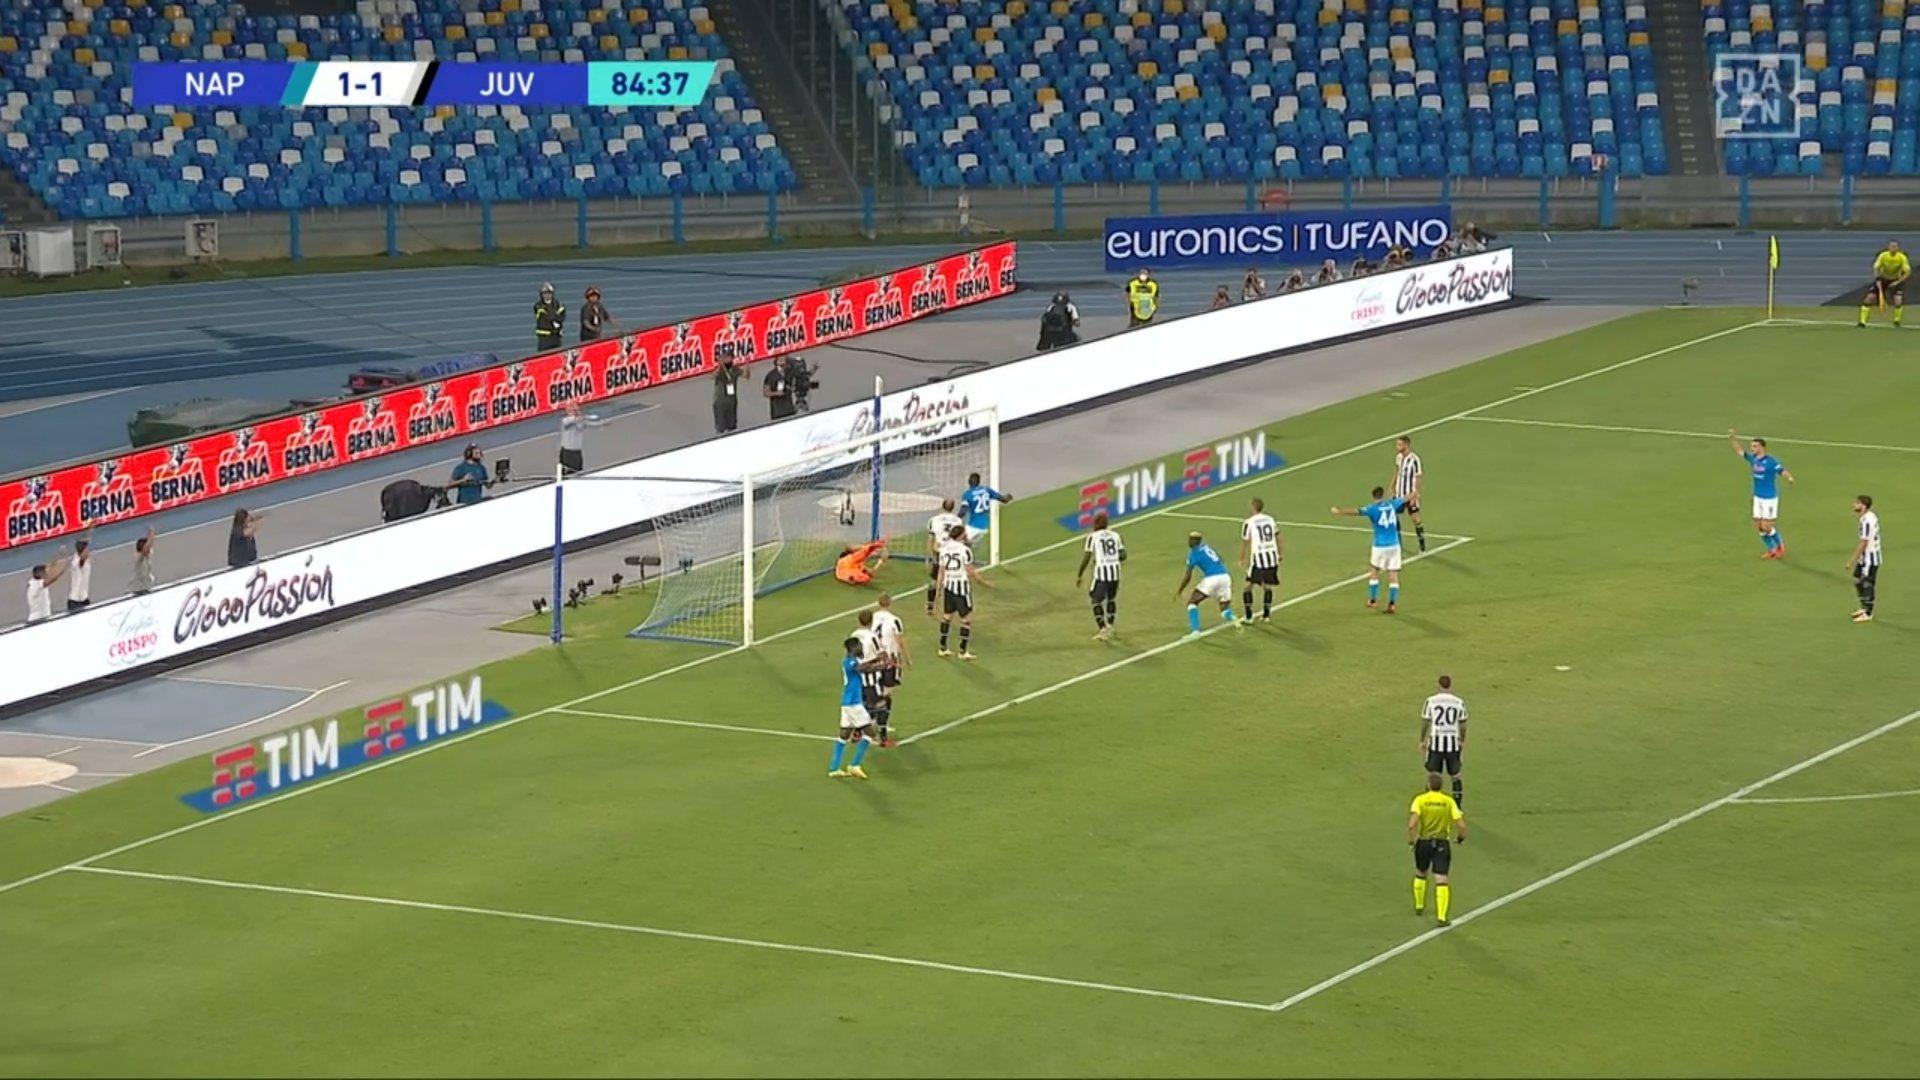 DAZN su problemi Napoli-Juventus: «Spike di due minuti, poi tutto regolare»